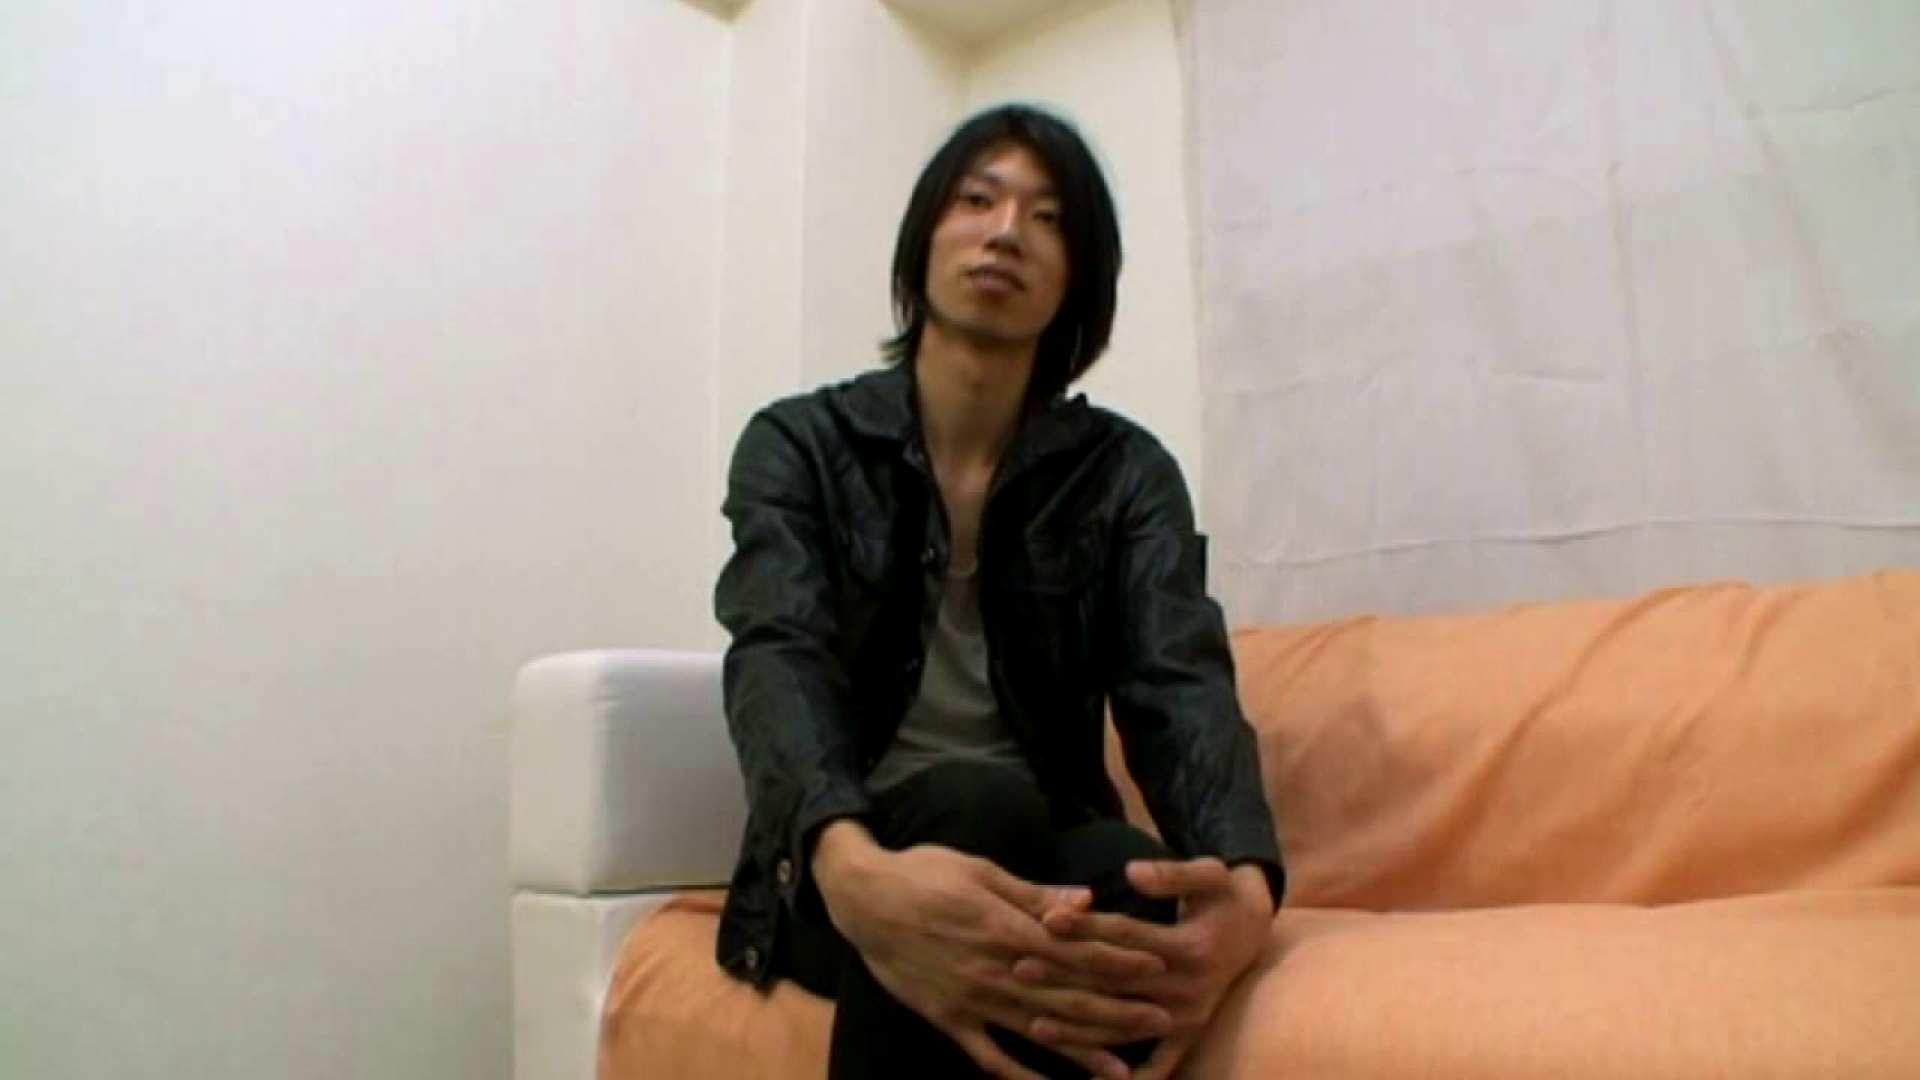 ノンケ!自慰スタジオ No.36 ゲイの自慰 ゲイ丸見え画像 101pic 39